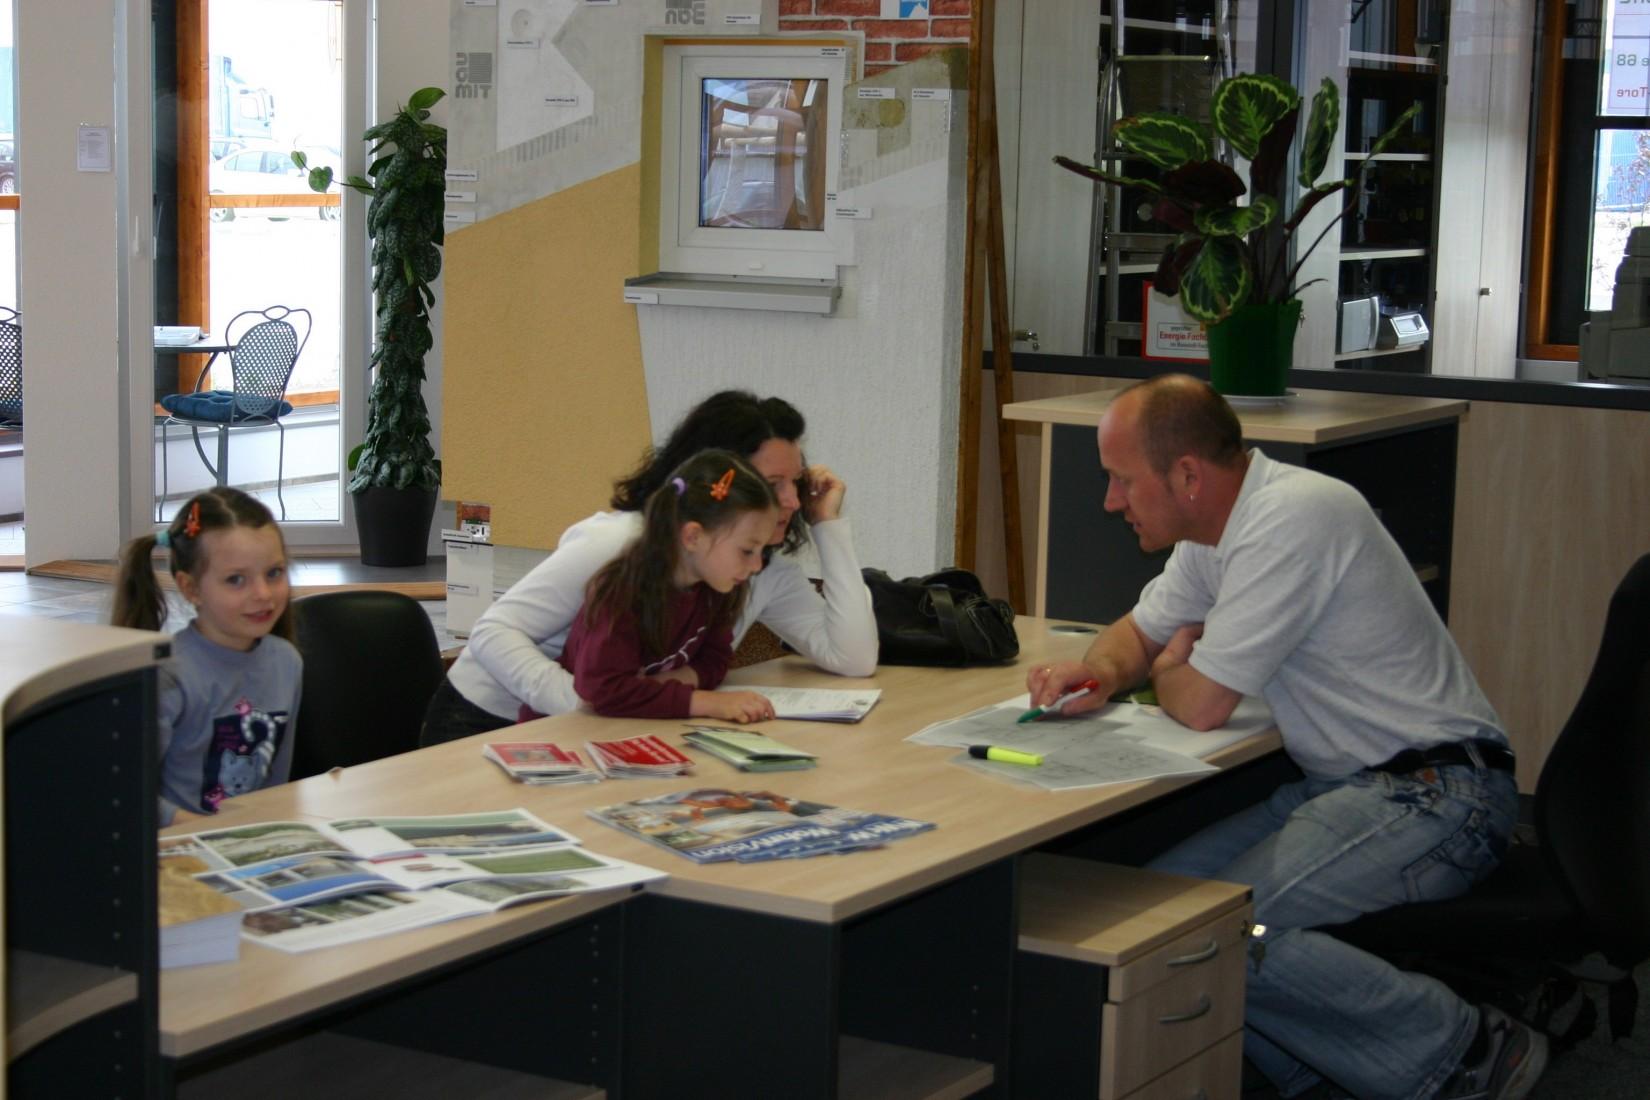 Energiefachberater bei der Privatkundenberatung im Baustoff-Fachhandel Bolay. Foto: Grimm